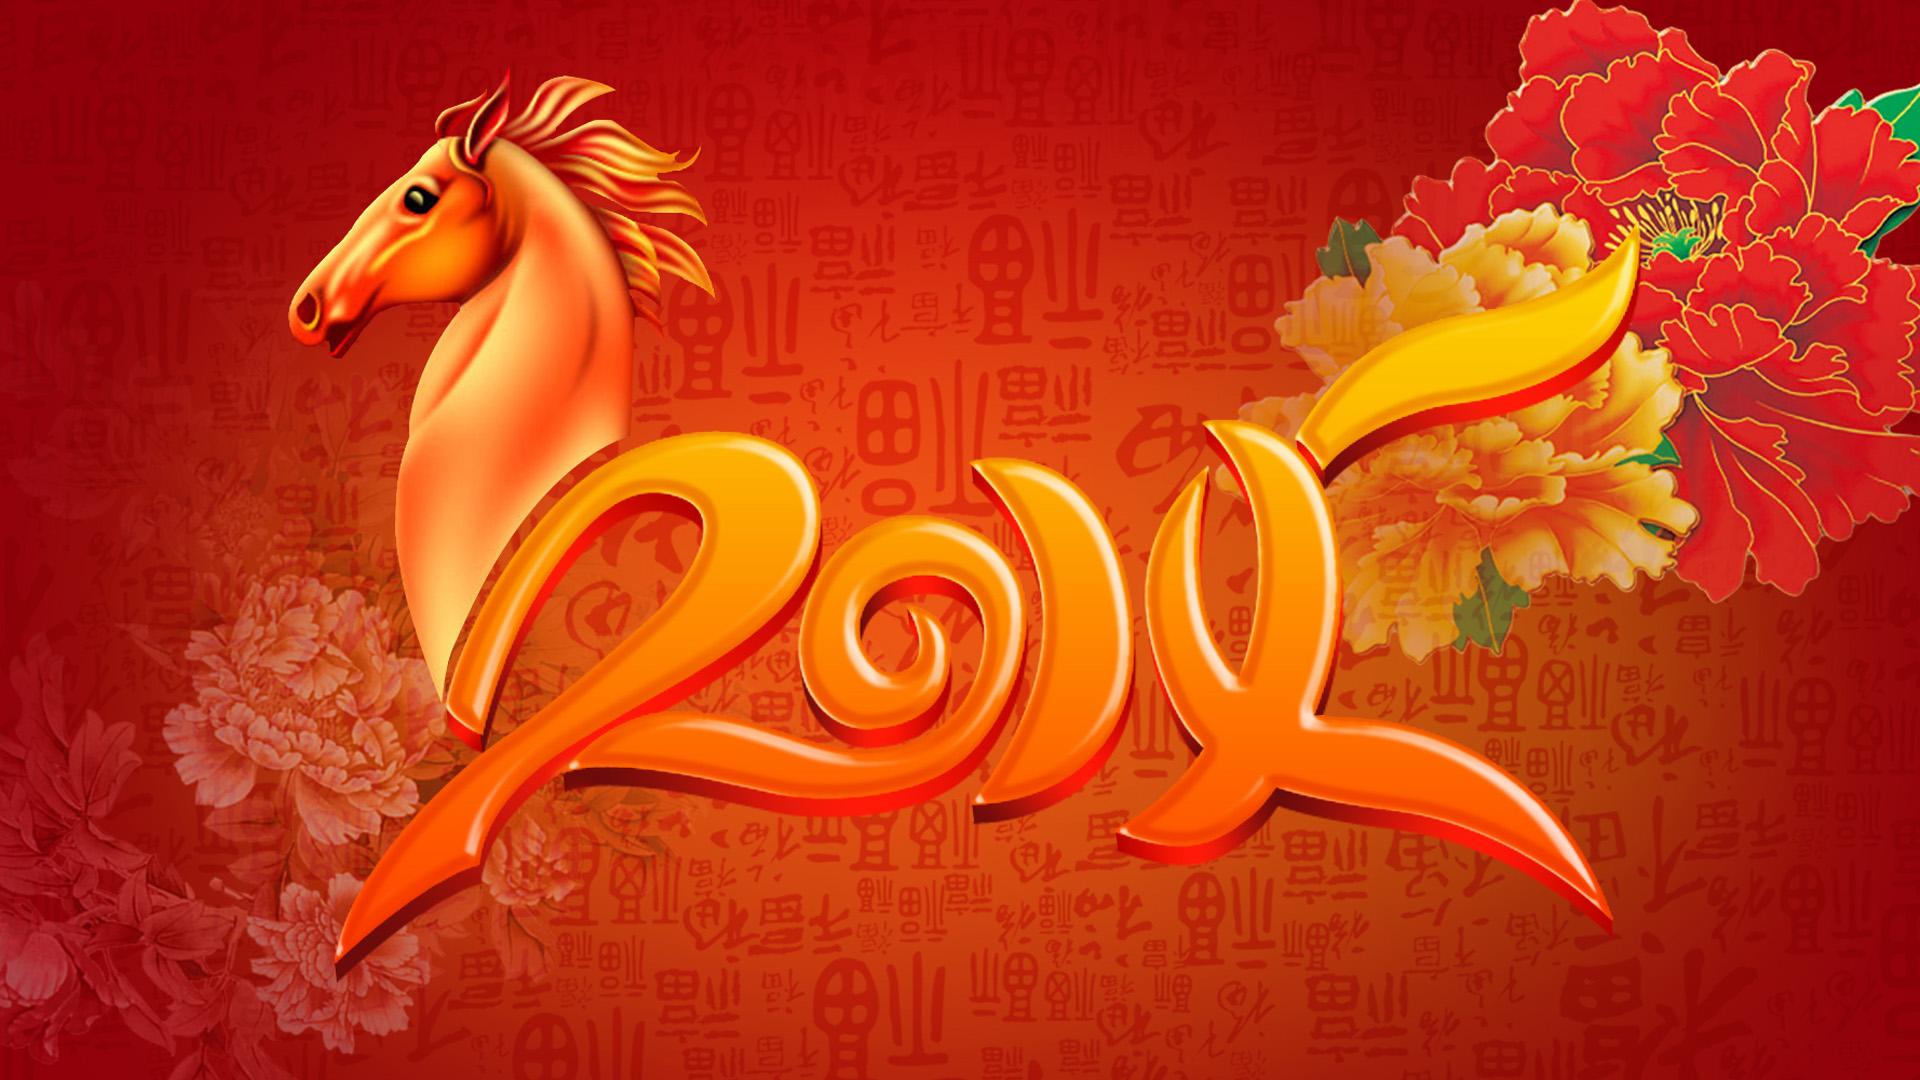 2014马年动态壁纸_2014年马年新年喜庆宽屏壁纸_我爱桌面网提供